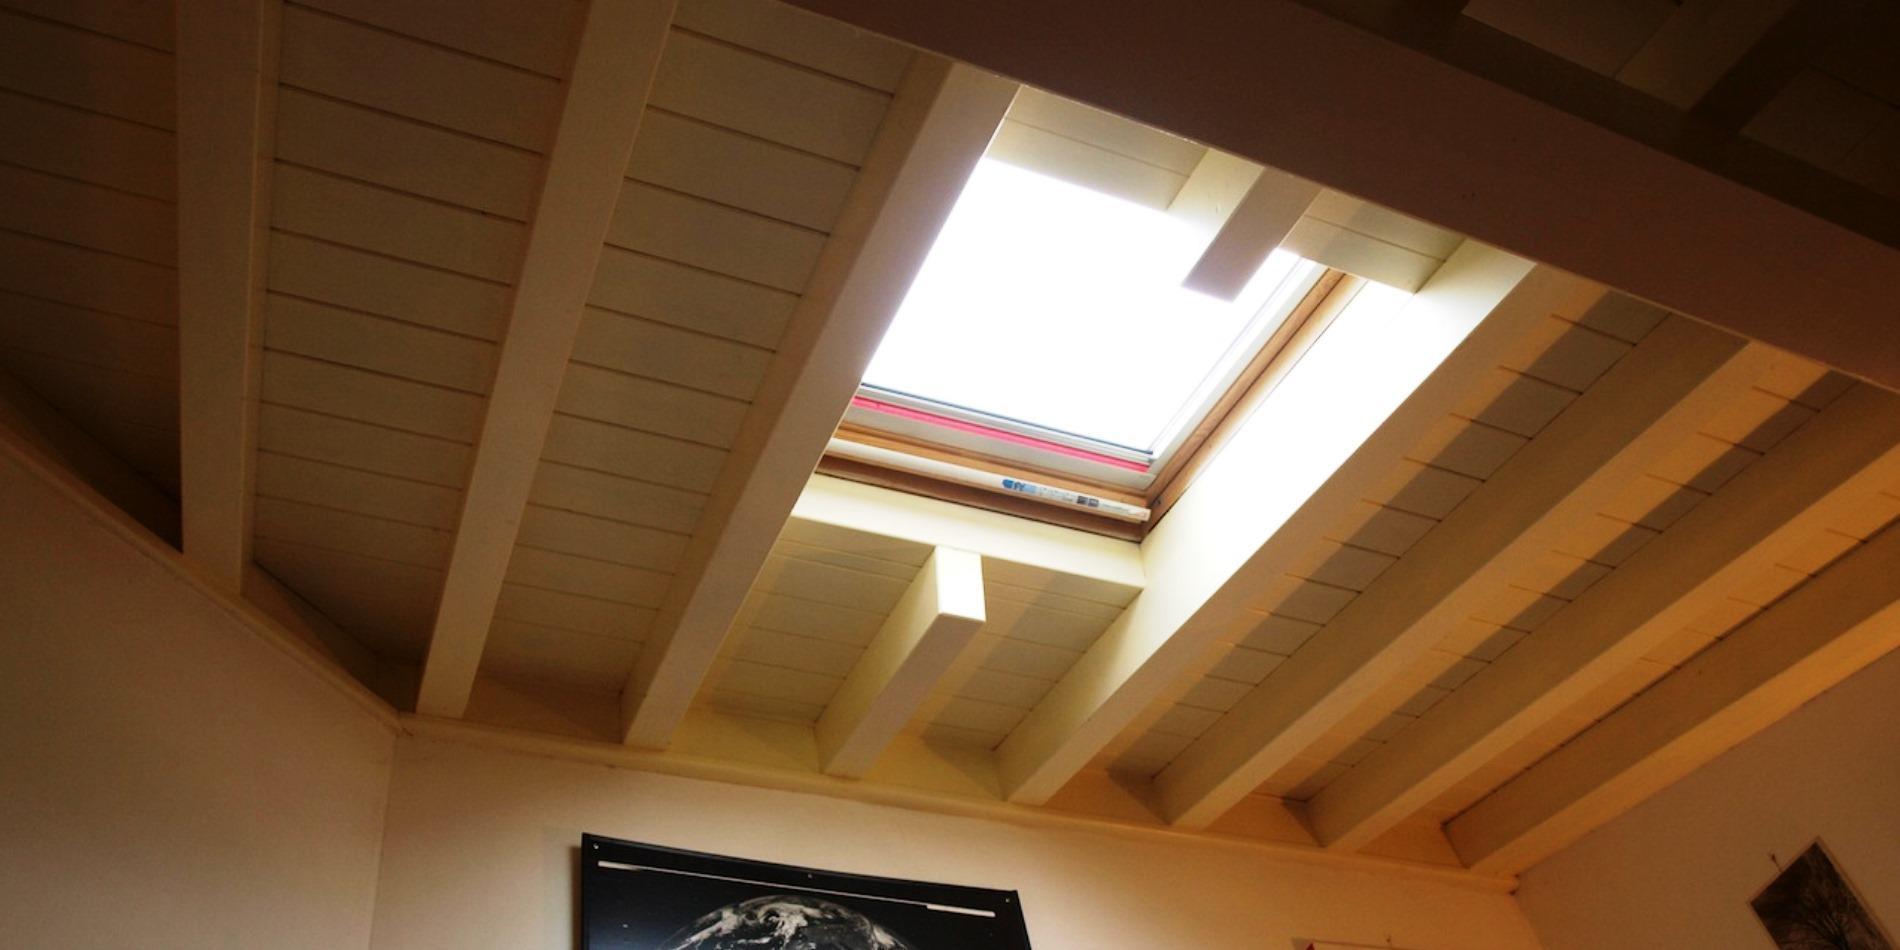 Bozza cav rainieri tetti e strutture in legno - Dimensioni finestre velux ...